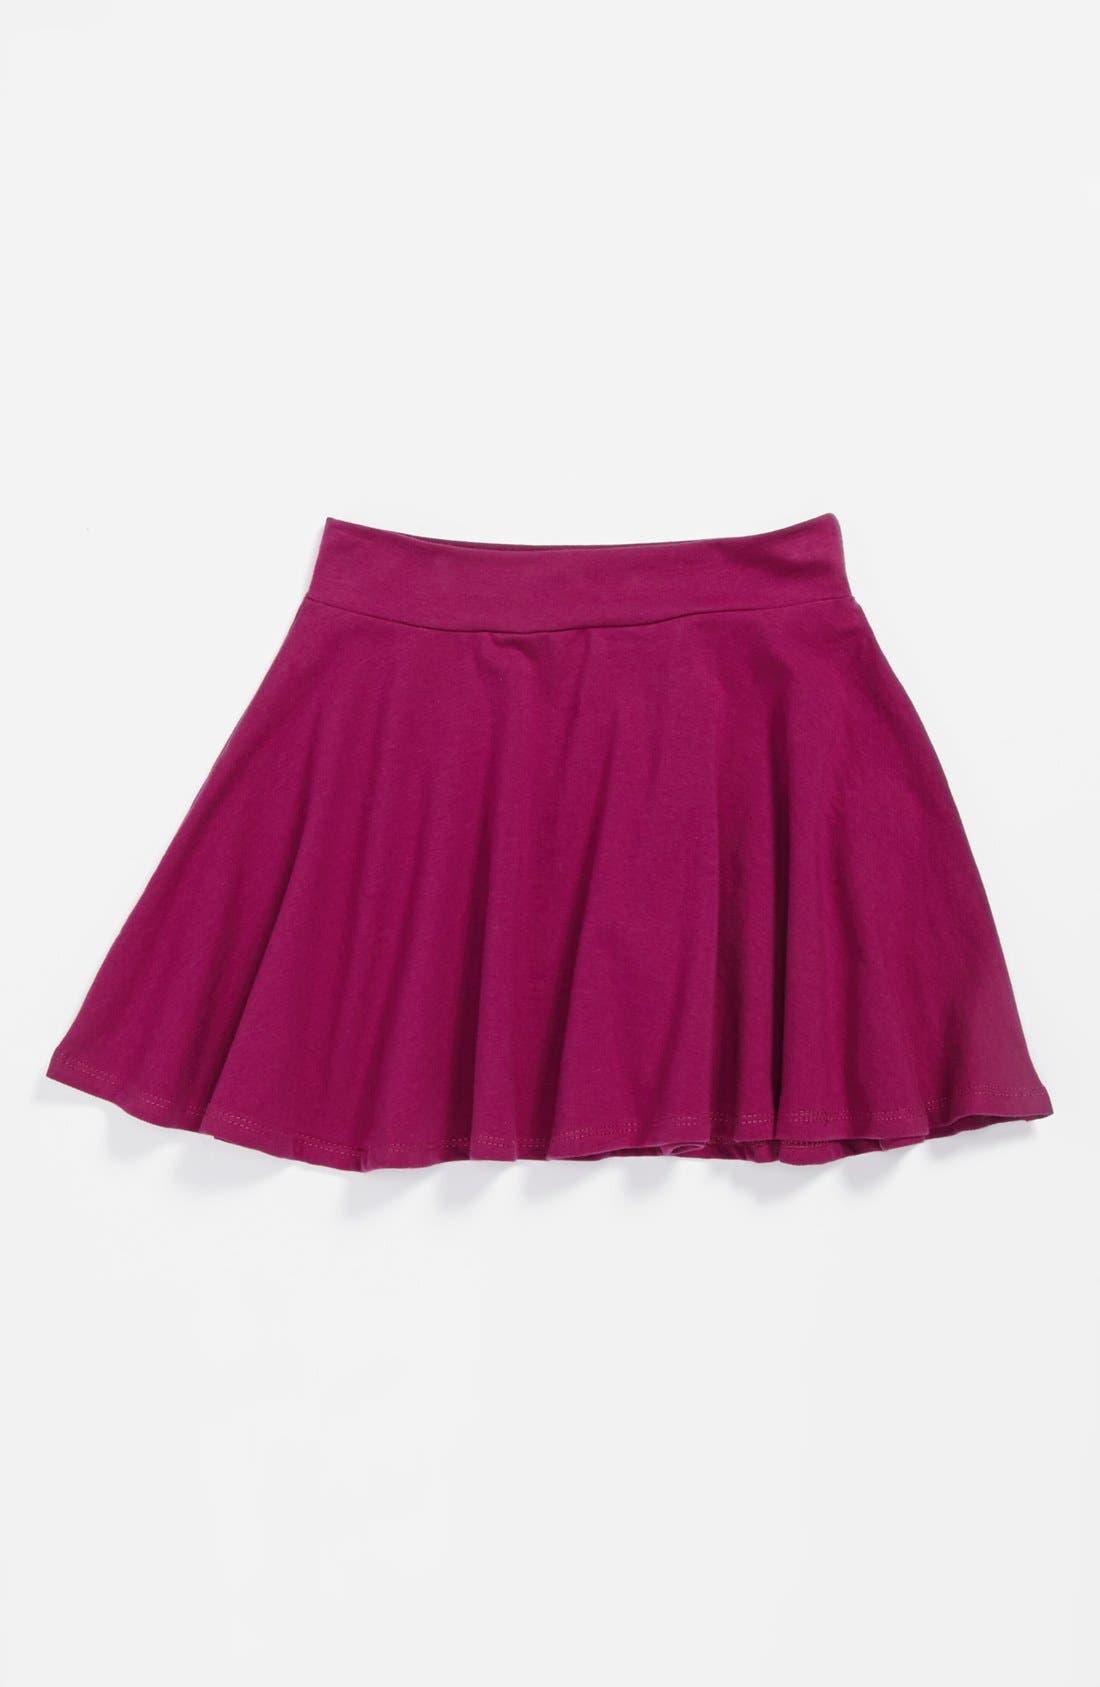 Alternate Image 1 Selected - Mia Chica Skater Skirt (Big Girls)